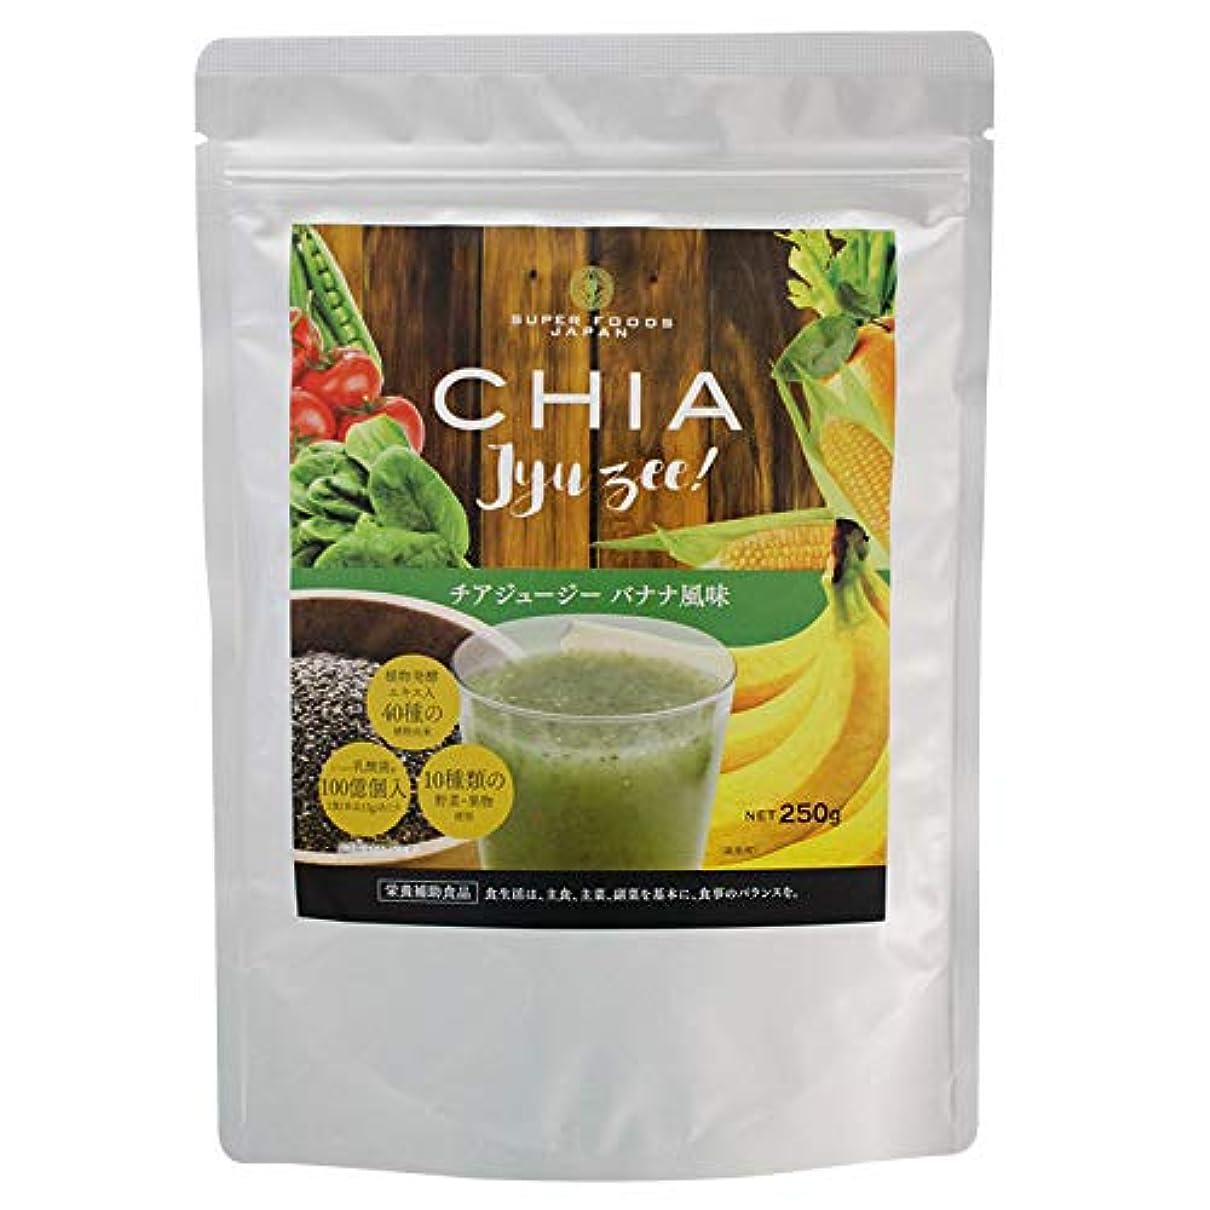 夢中市長勝利したチアジュージー バナナ風味 250g ダイエット スムージー 酵素 チアシード 食物繊維 乳酸菌